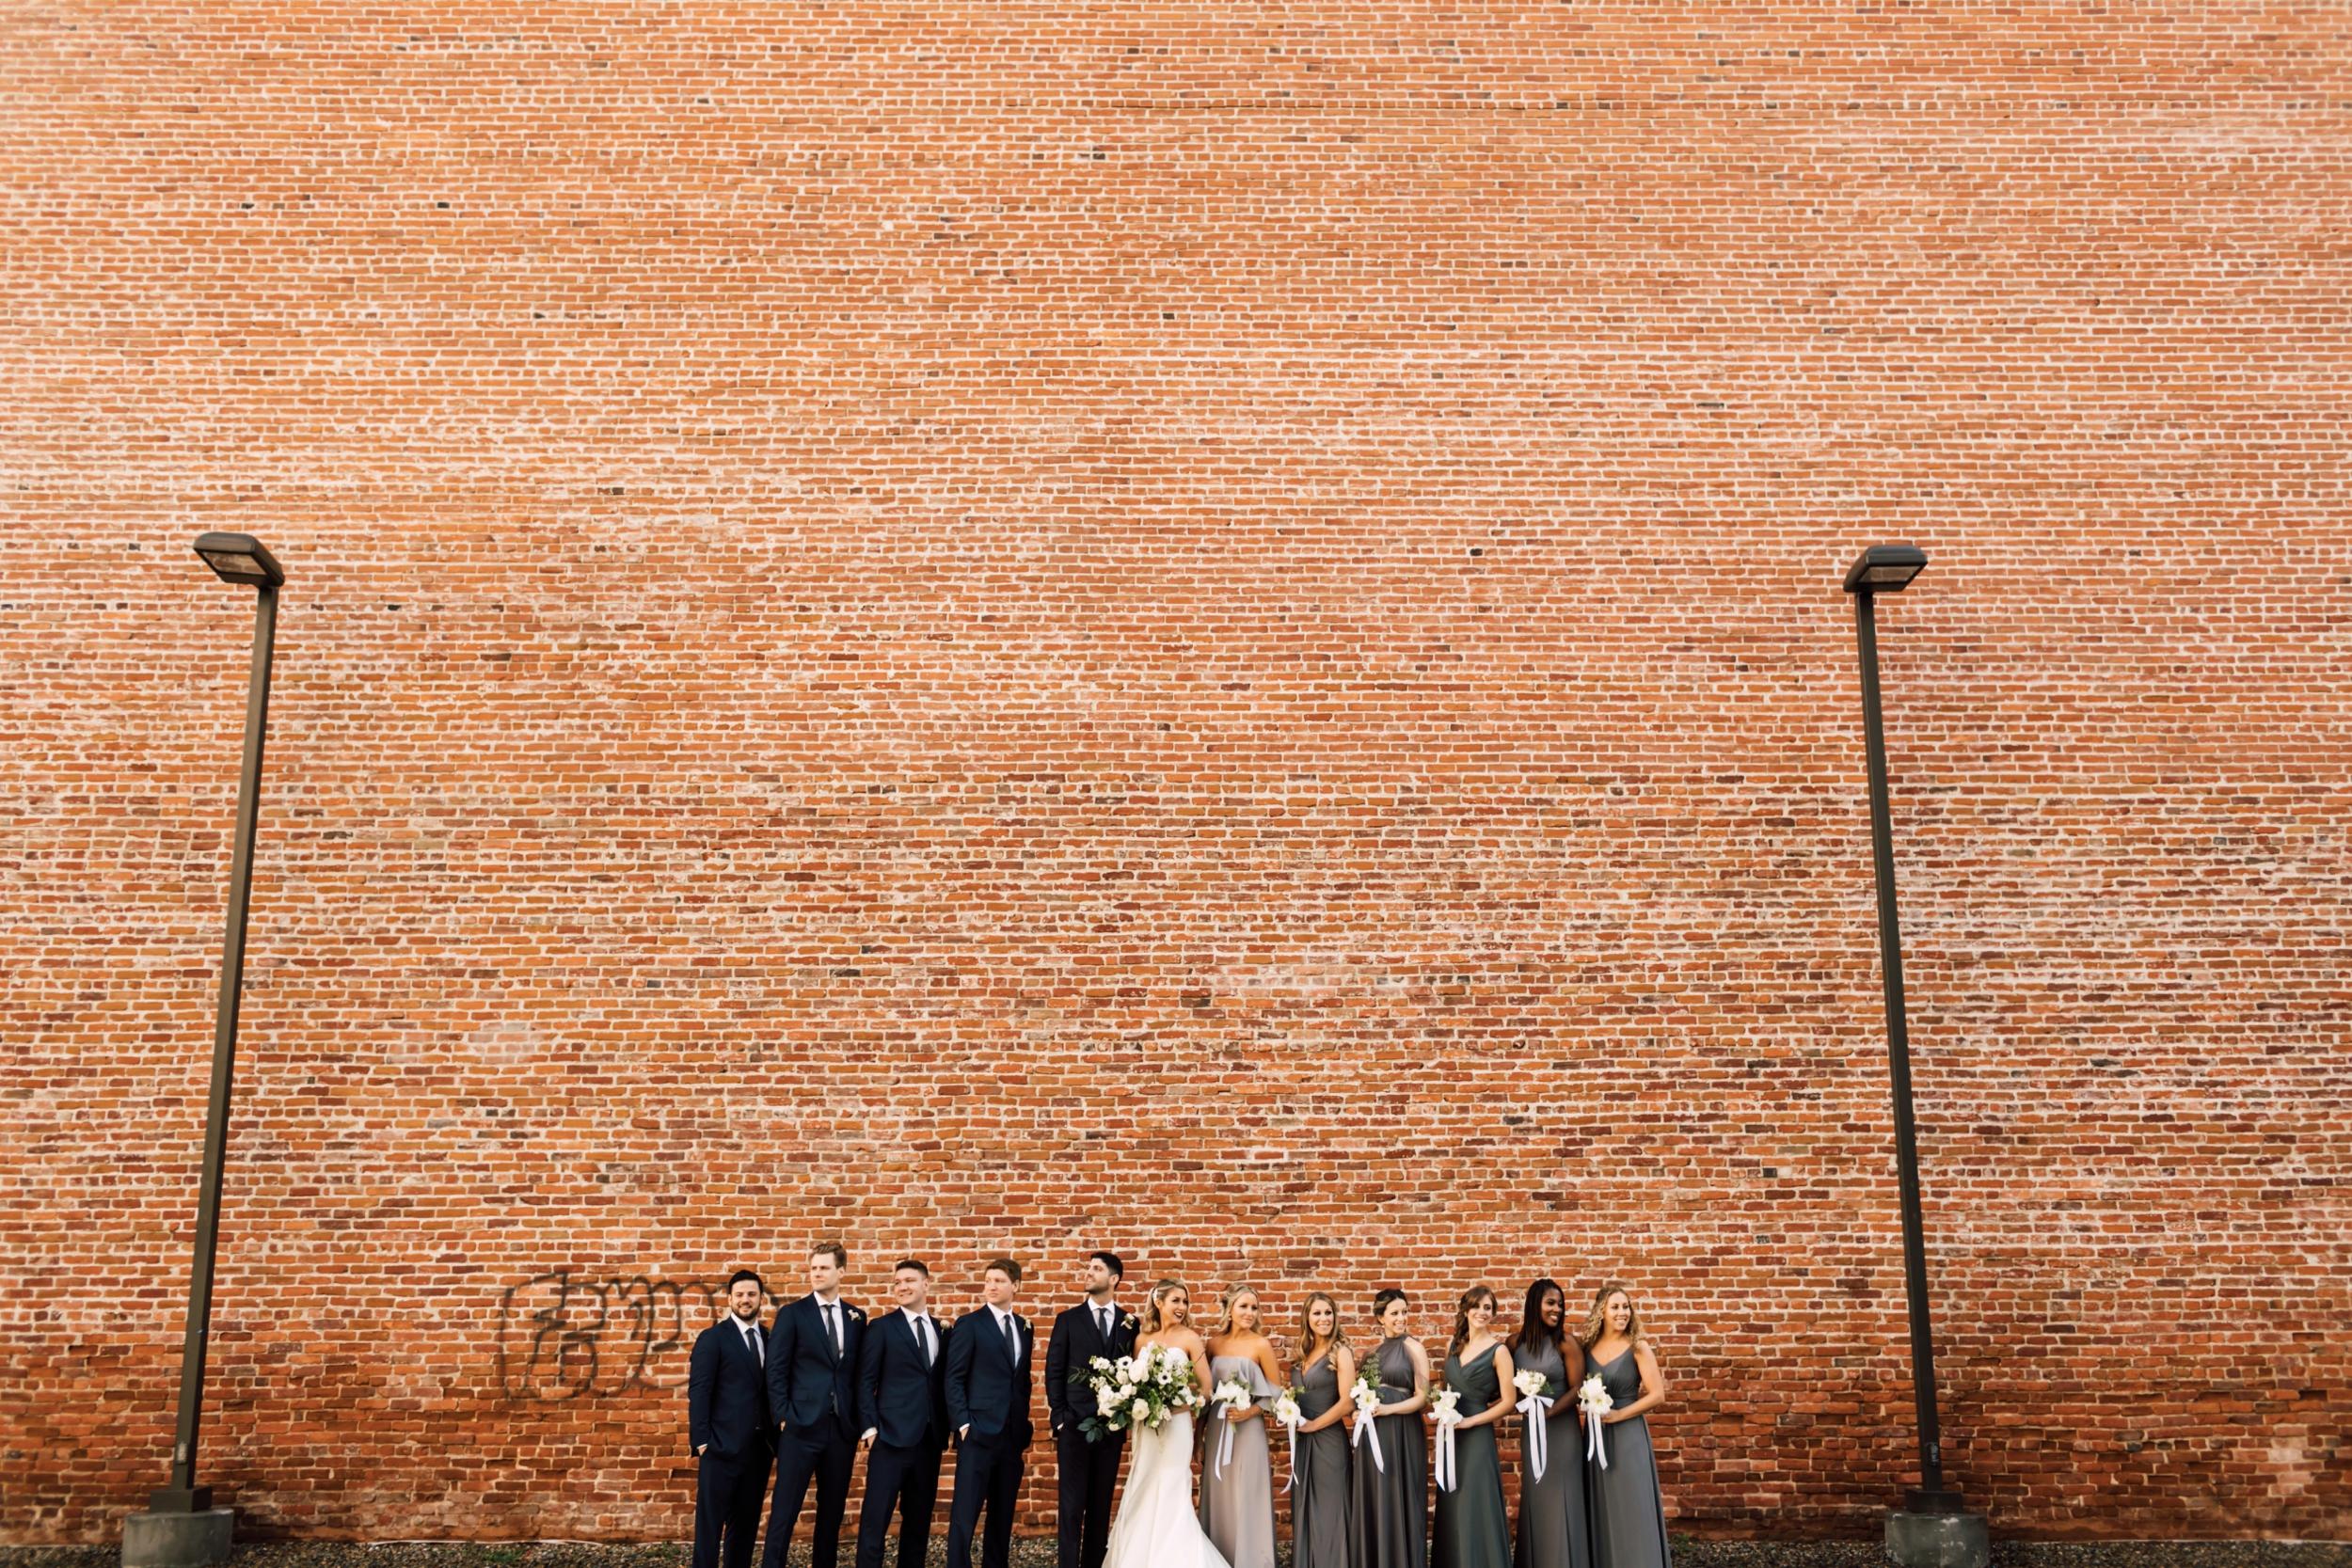 Plum&OakPhoto-Amanda+MichaelWedding-52.jpg